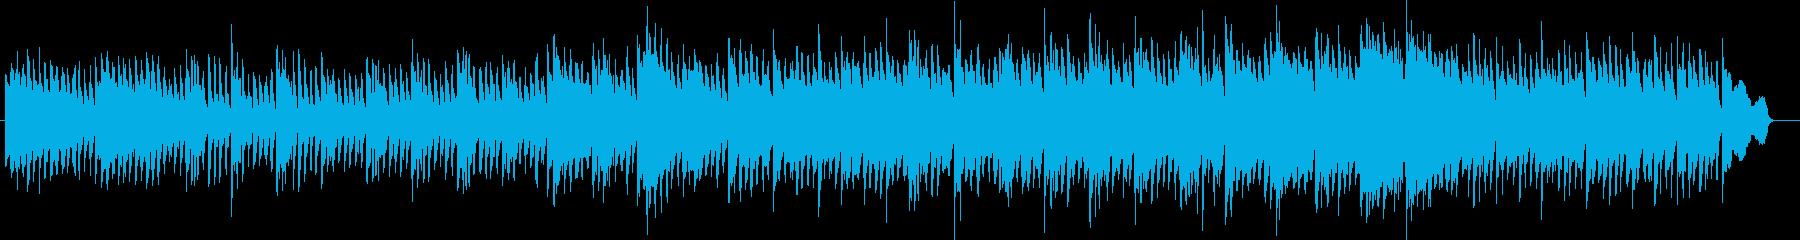 浮遊感あふれるシンセが特徴的なエレポップの再生済みの波形